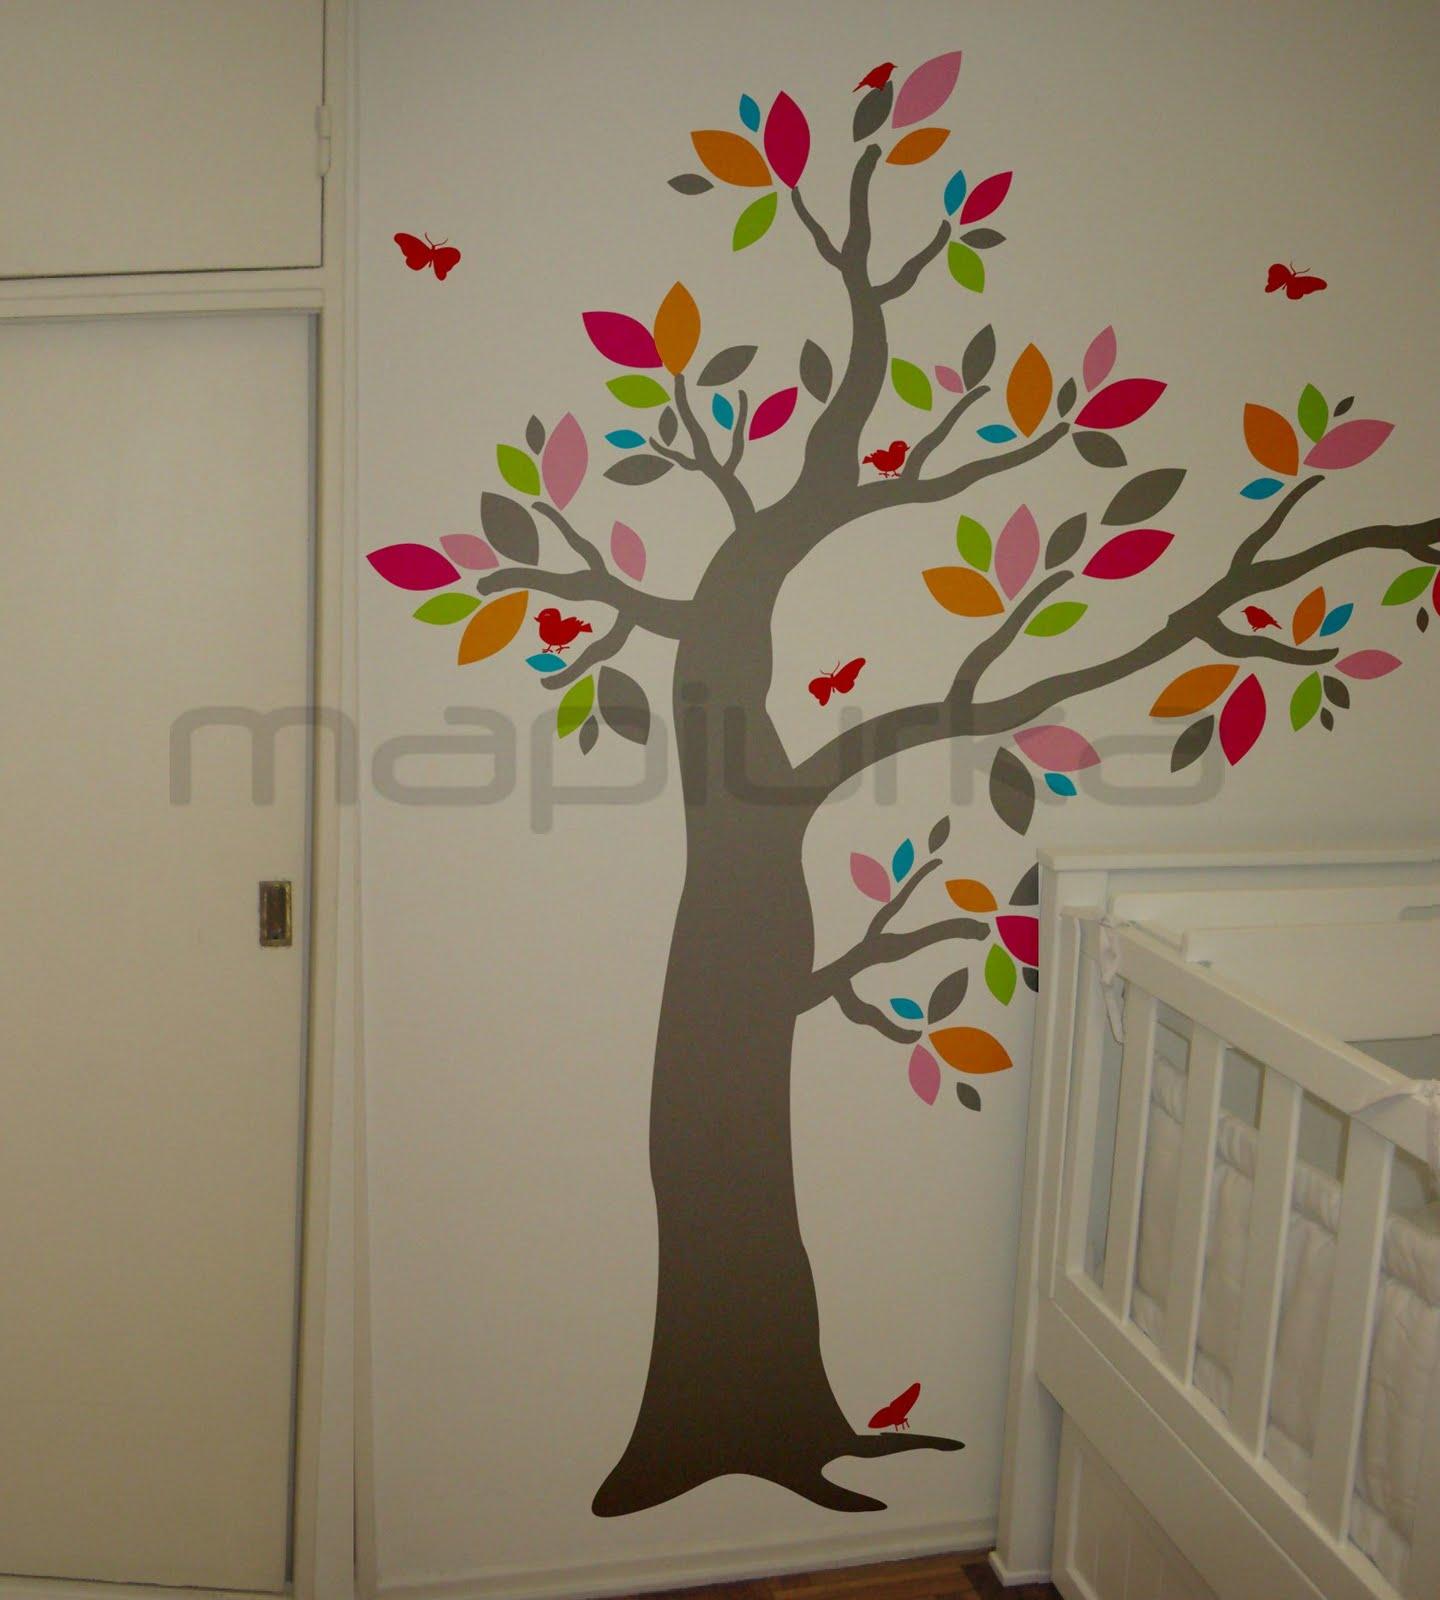 Mapiurka Adhesivos Decorativos Ba Arbol Bosque Multicolor